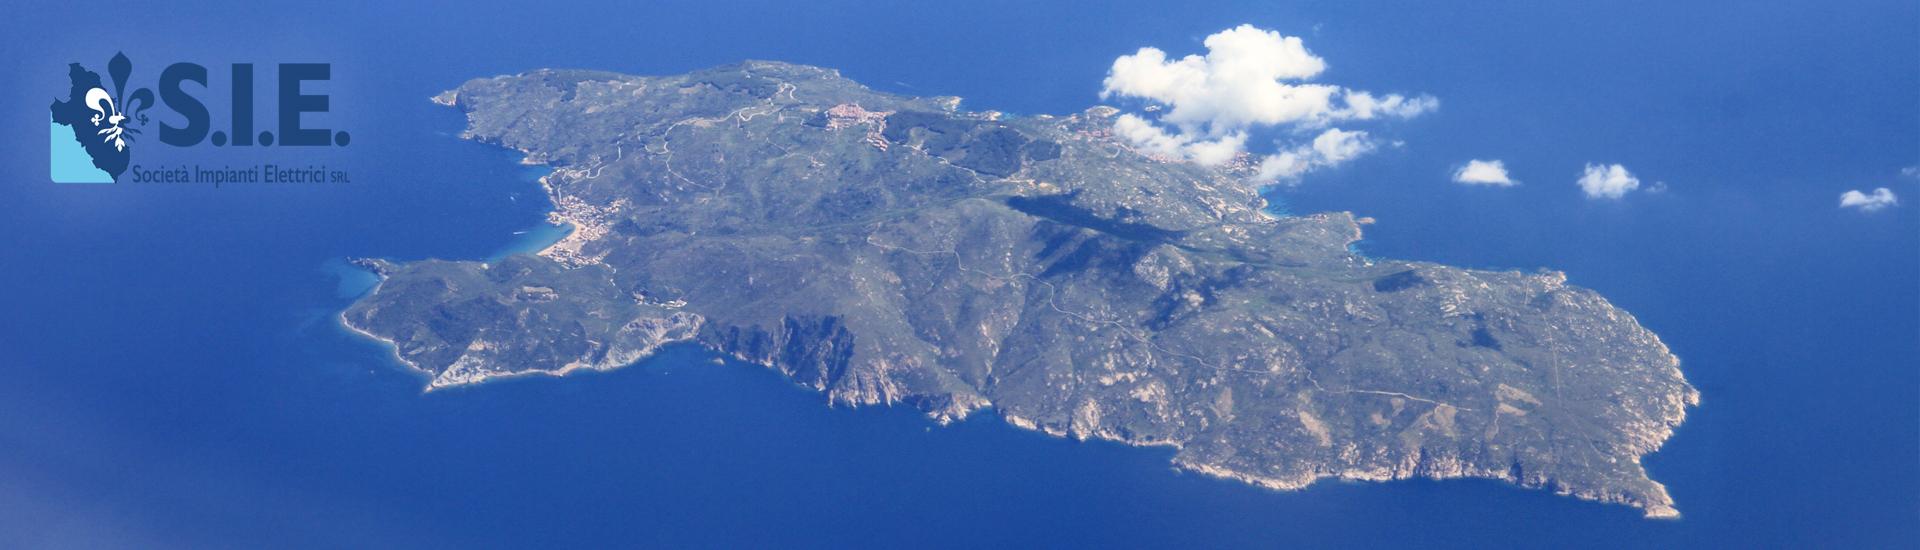 Isola del Giglio, aerea